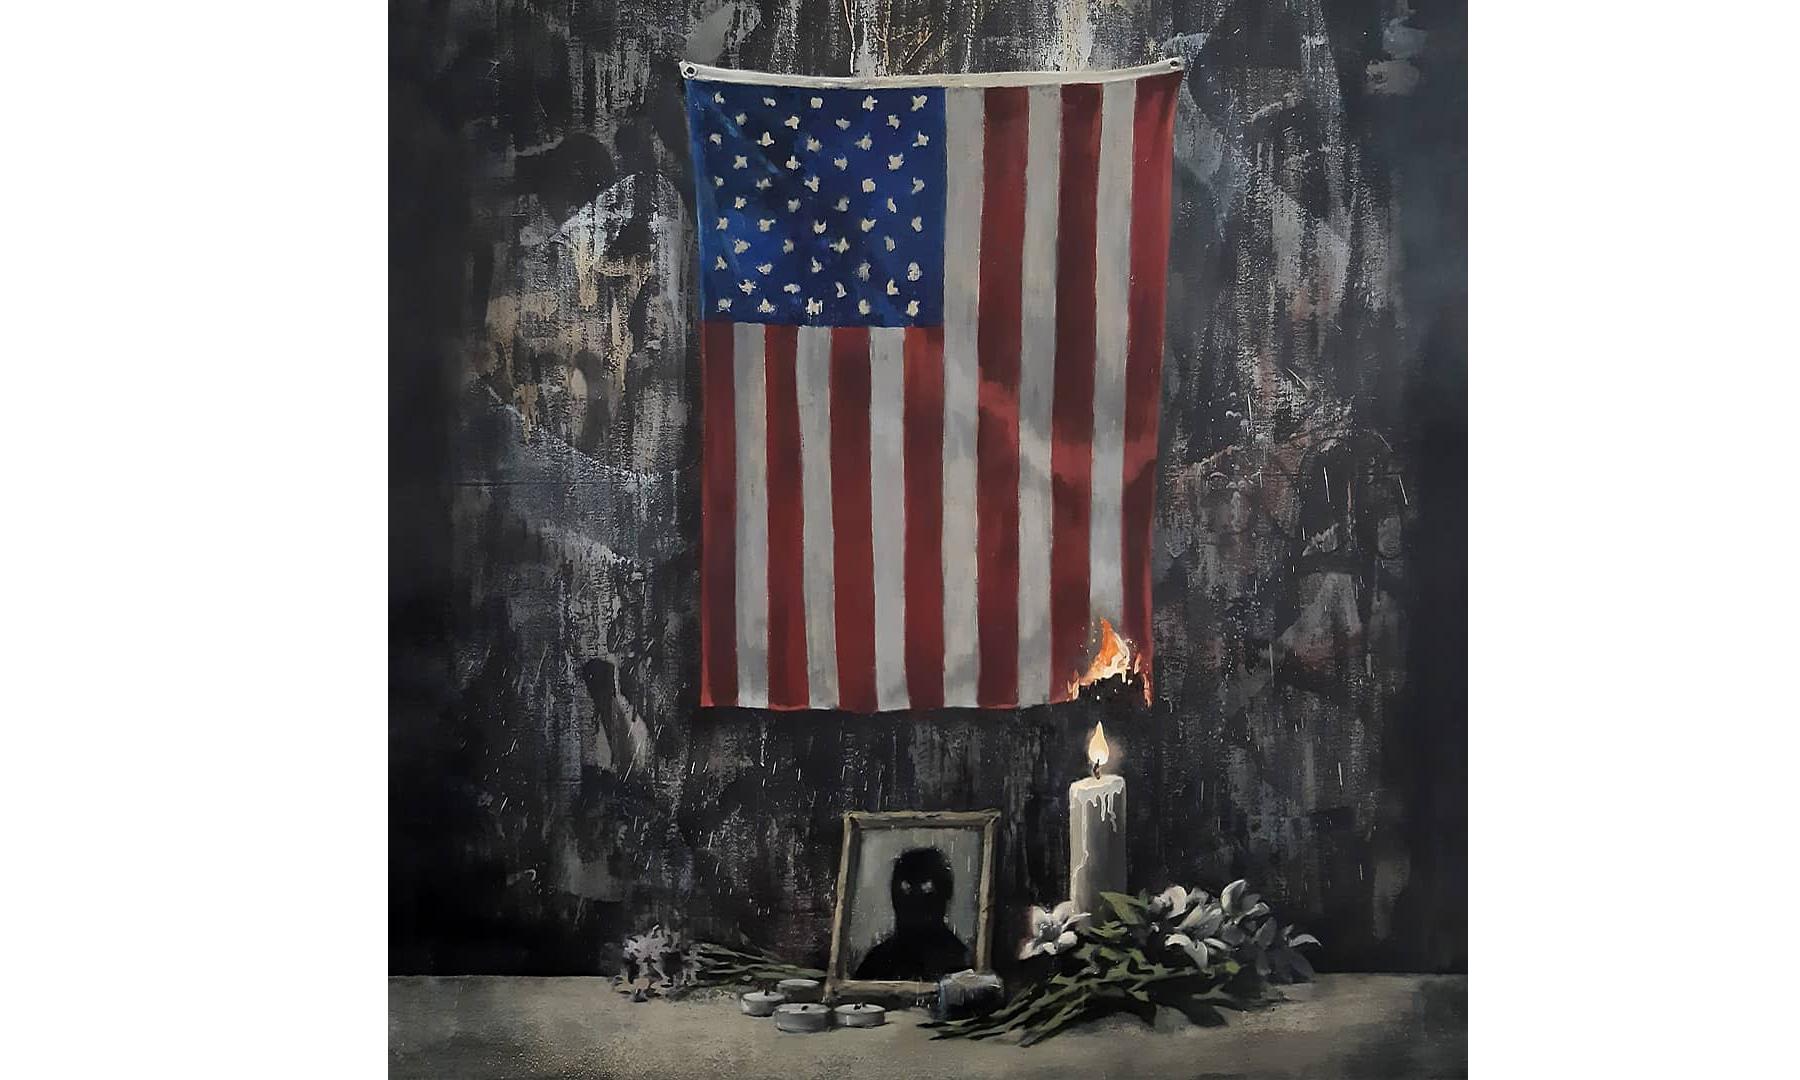 Banksy 就种族歧视事件发声,并带来最新作品